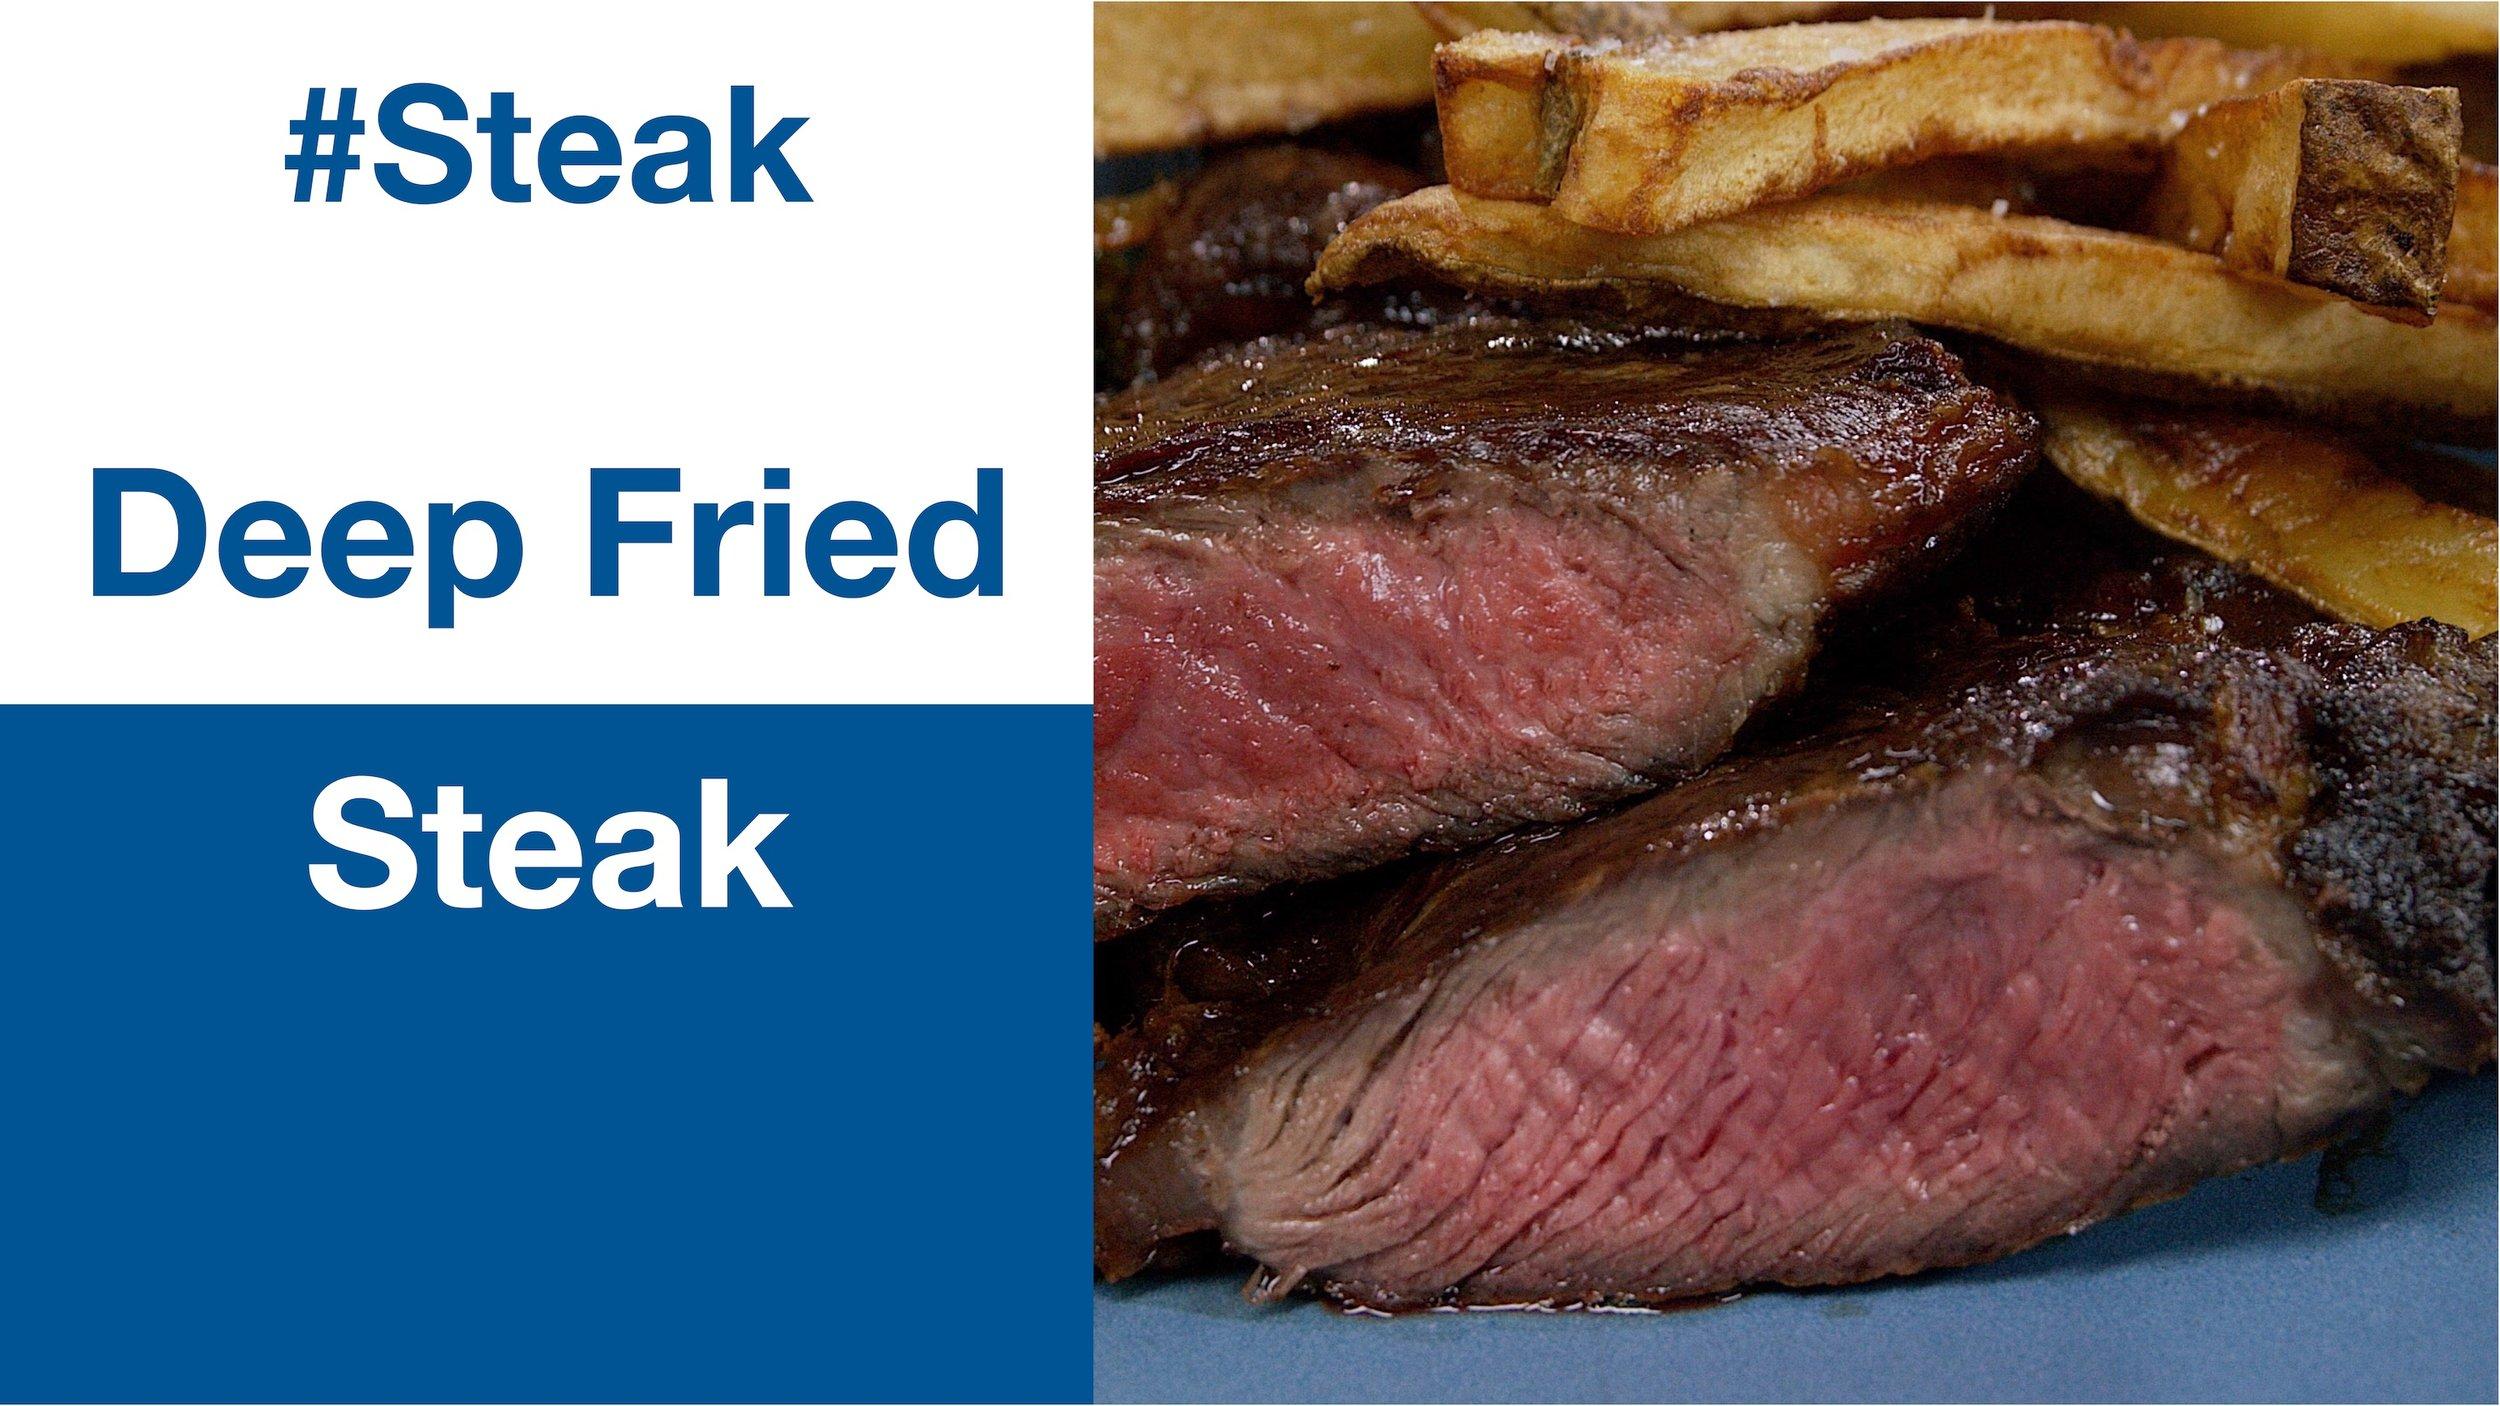 Deep Fried Steak B copy.jpg